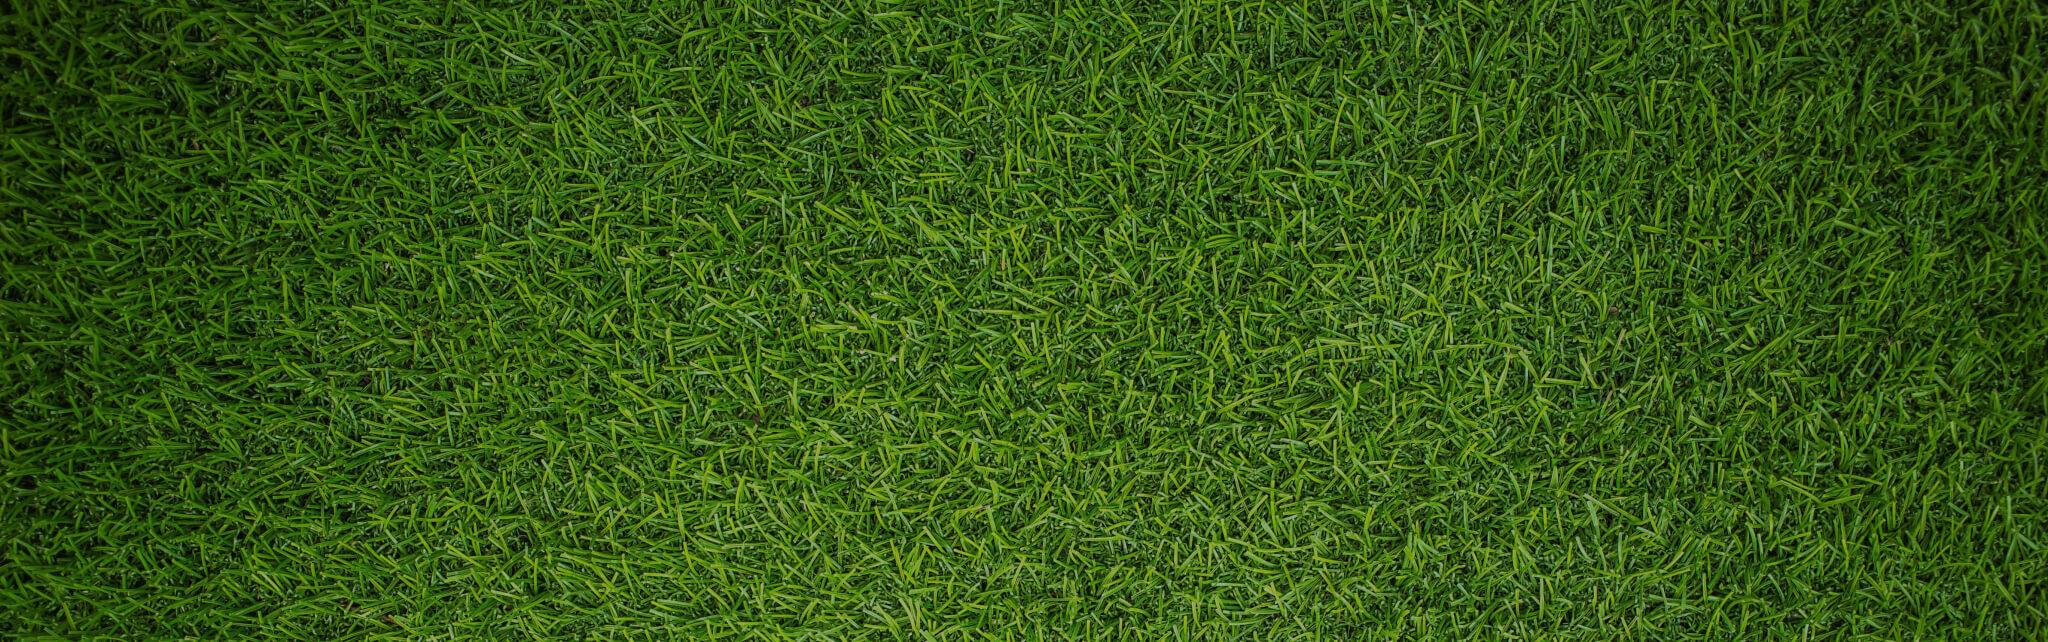 bumperballs græsplæne